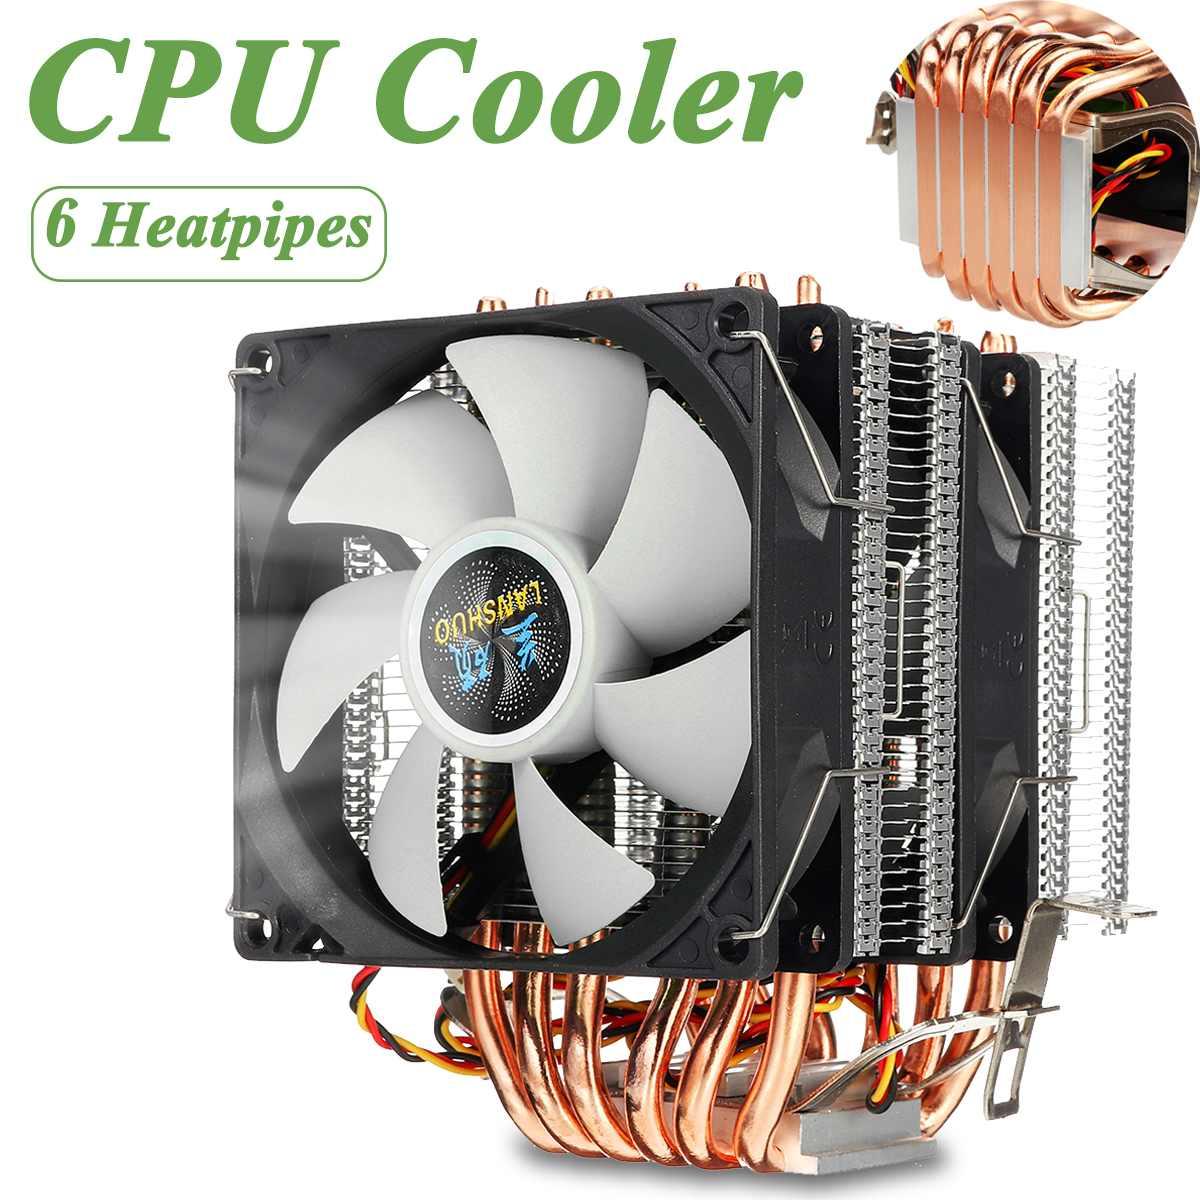 CPU Cooler 3pin 6 Tubos de Calor Dupla Ventilador Silencioso Ventilador de Refrigeração Do Dissipador de Calor Do Radiador Cooler para LGA 1150/1151/ 1155/1156/1366/775 para AMD